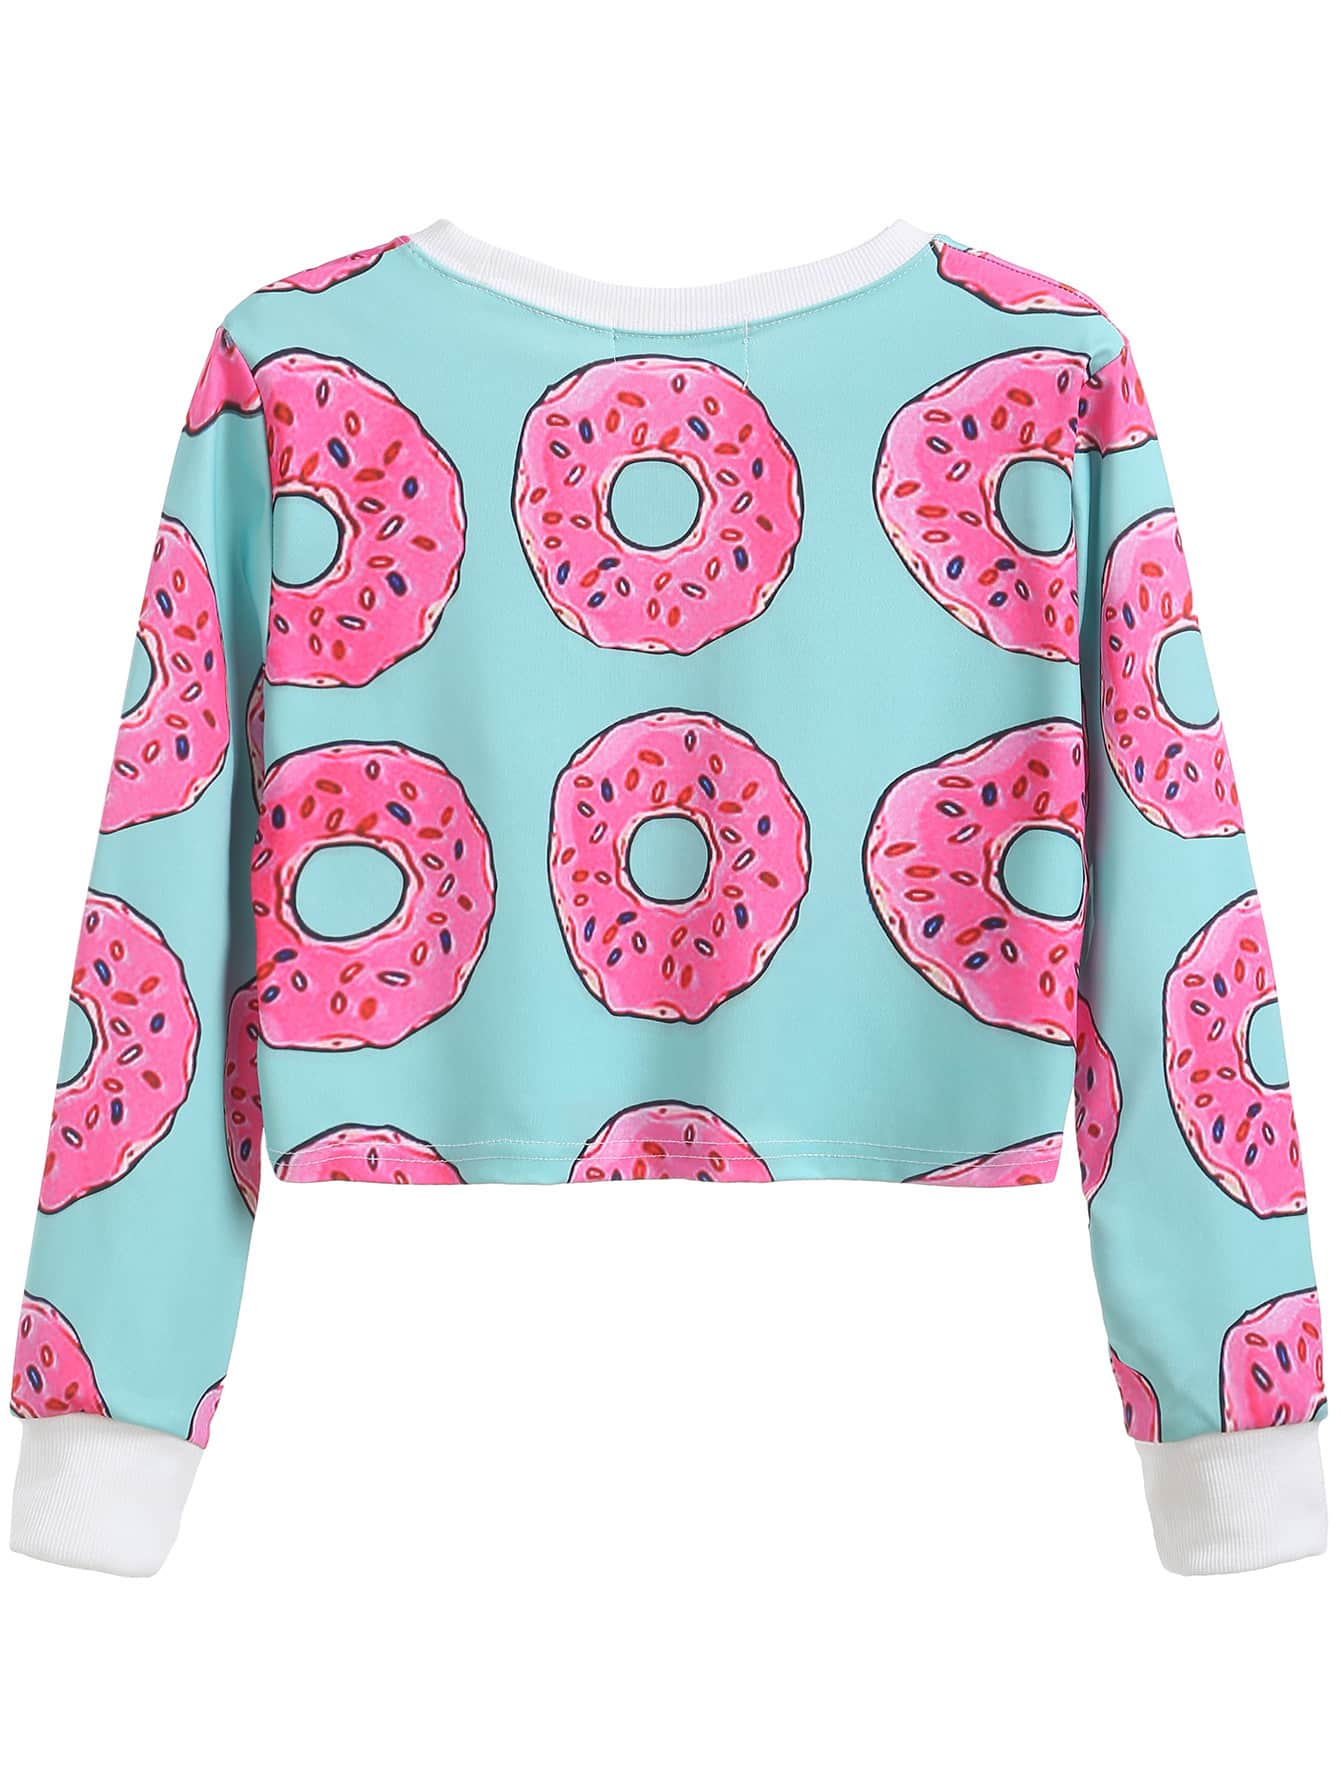 sweatshirt160902001_2